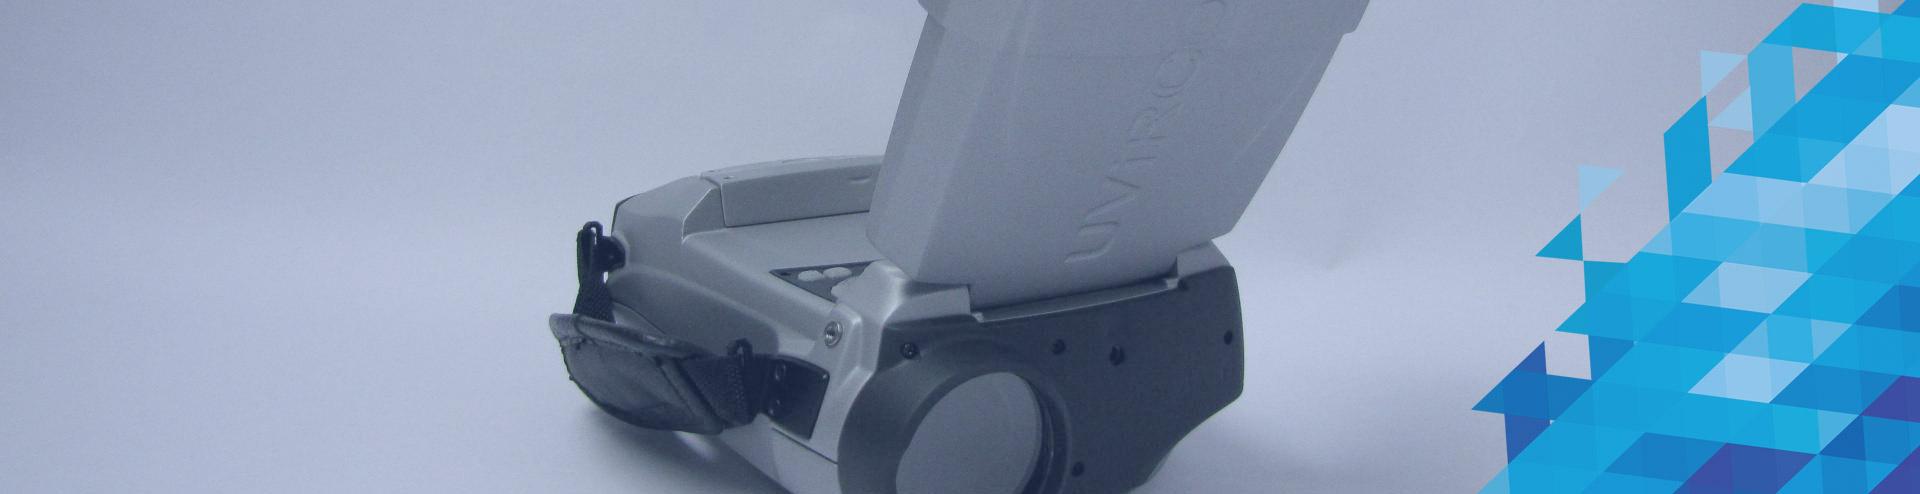 อบรมเรื่อง การใช้งานและประโยชน์ของกล้อง CoroCAM 6D